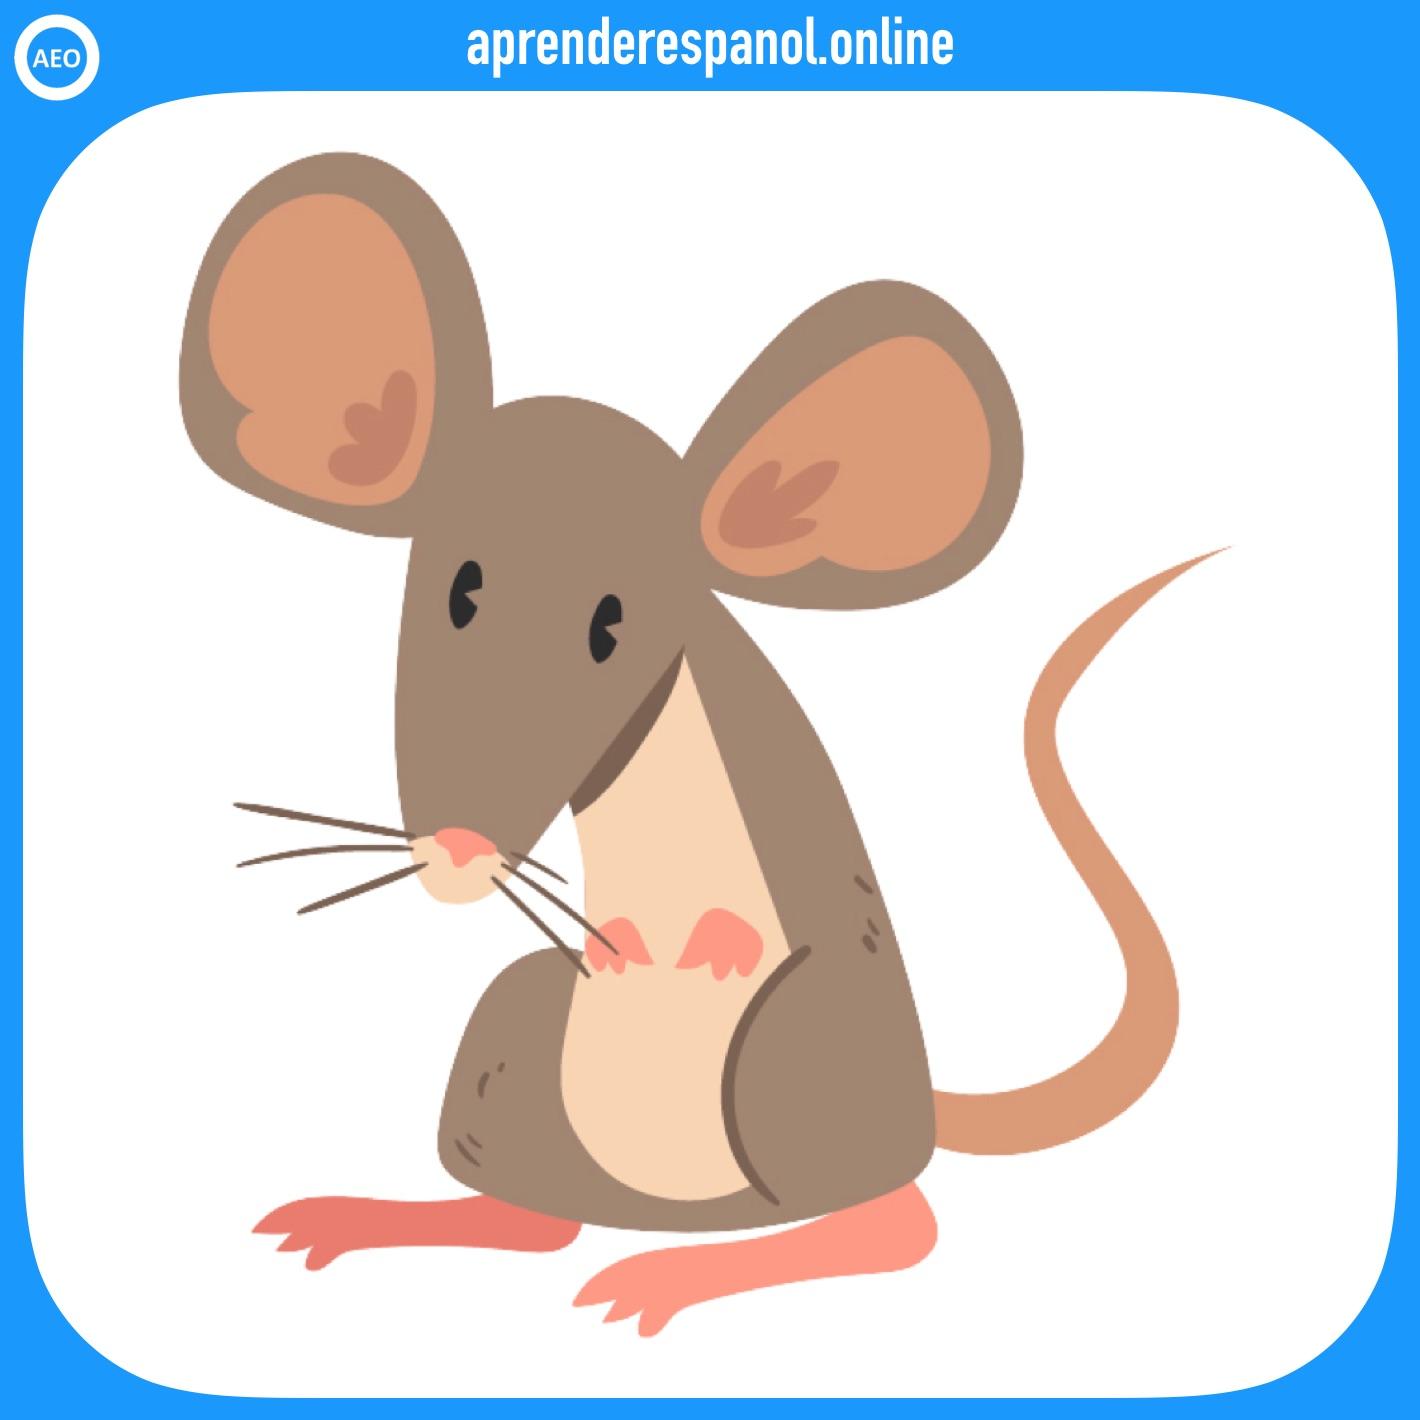 ratón | animales en español | vocabulario de los animales en español